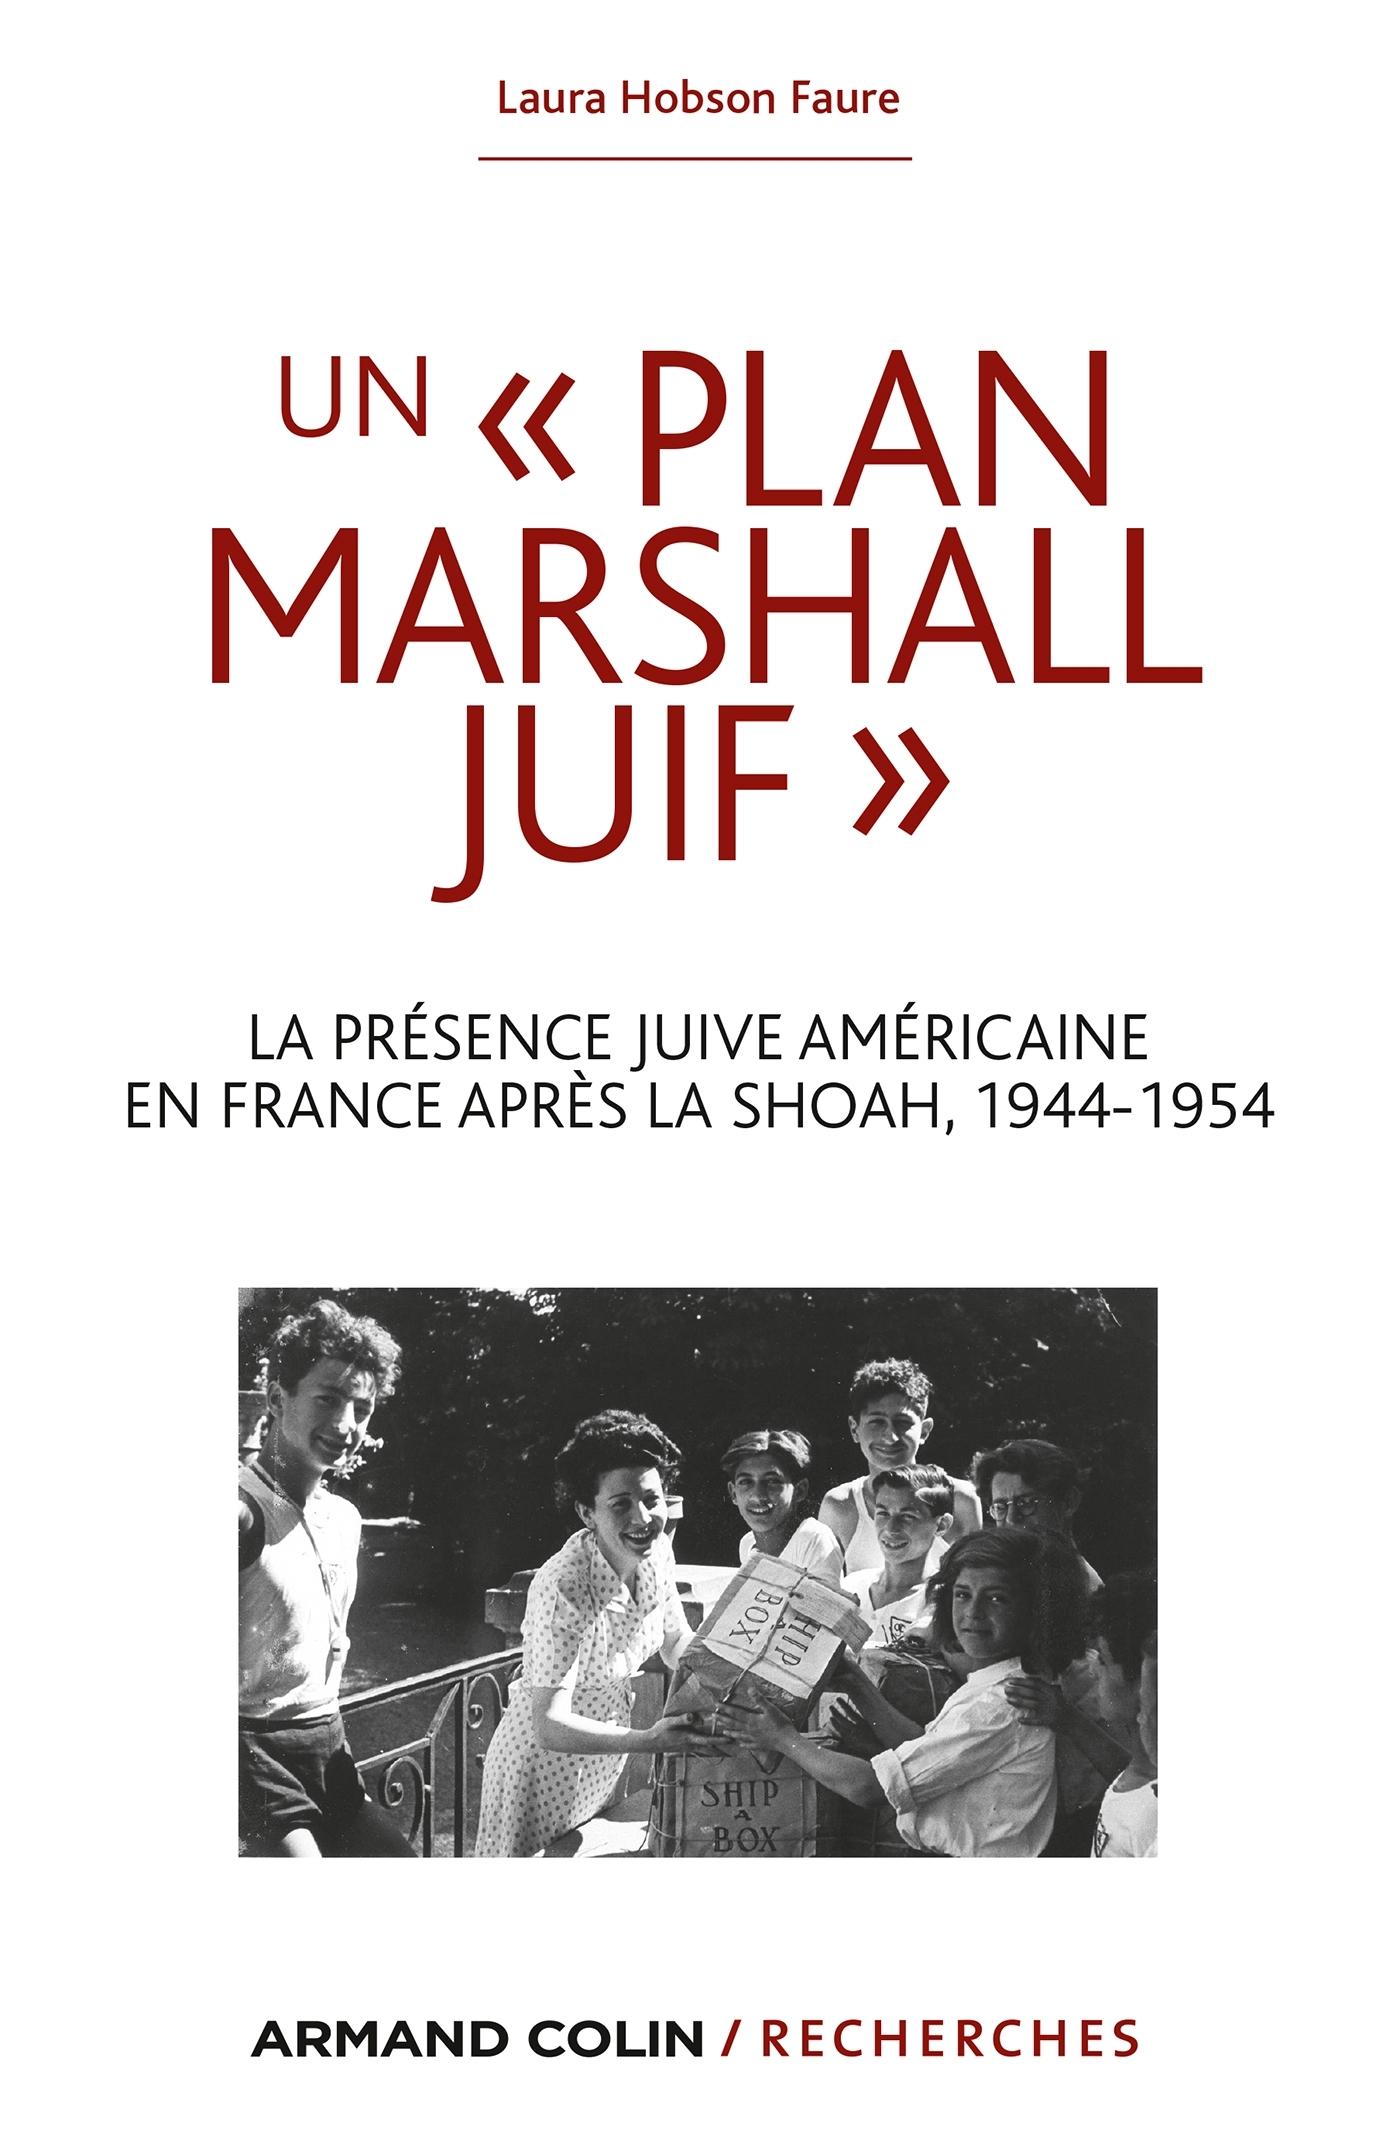 UN  PLAN MARSHALL  JUIF